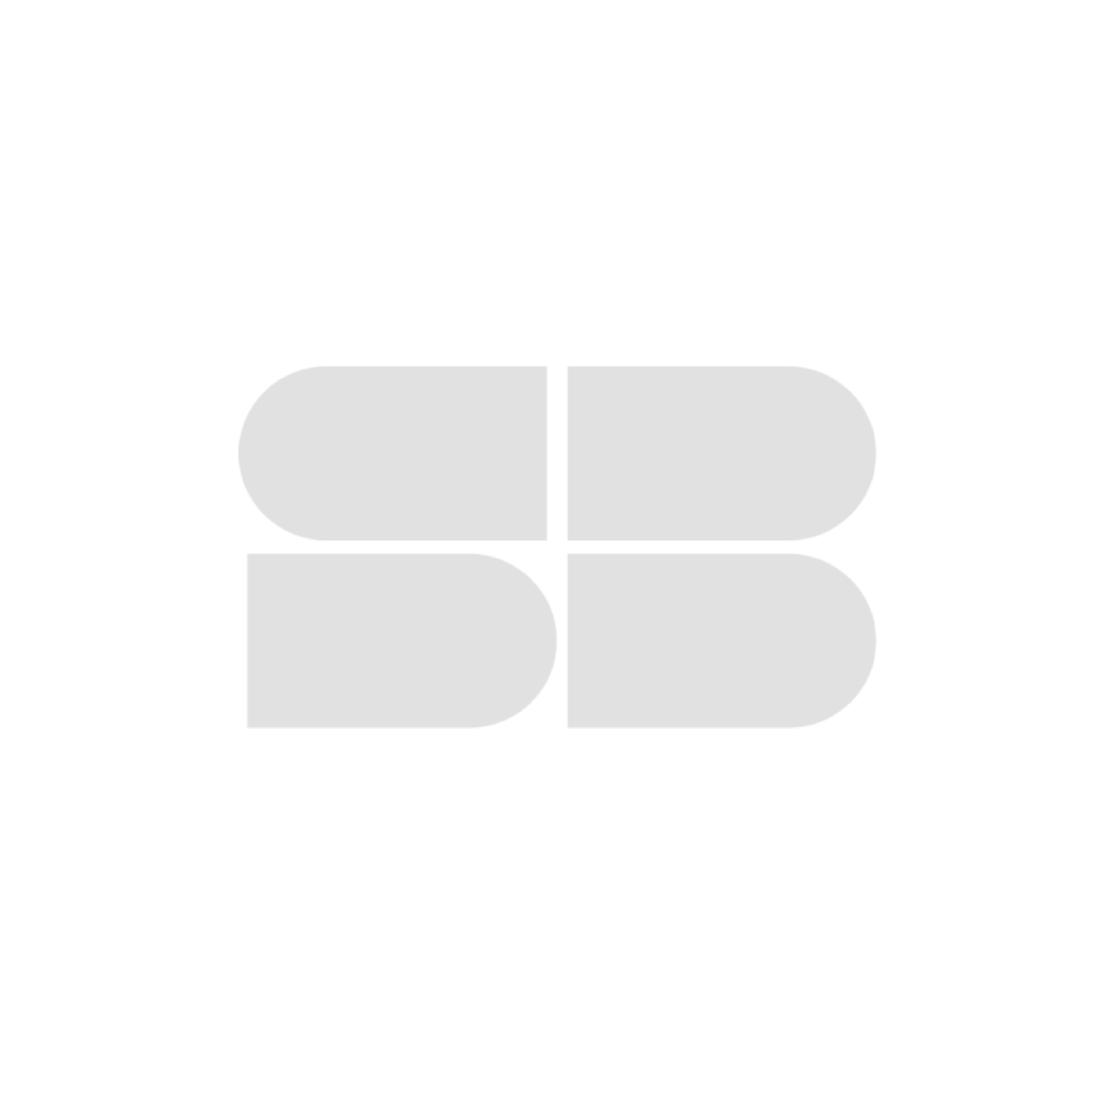 19144622-seaspell-plus-furniture-bedroom-furniture-stools-01